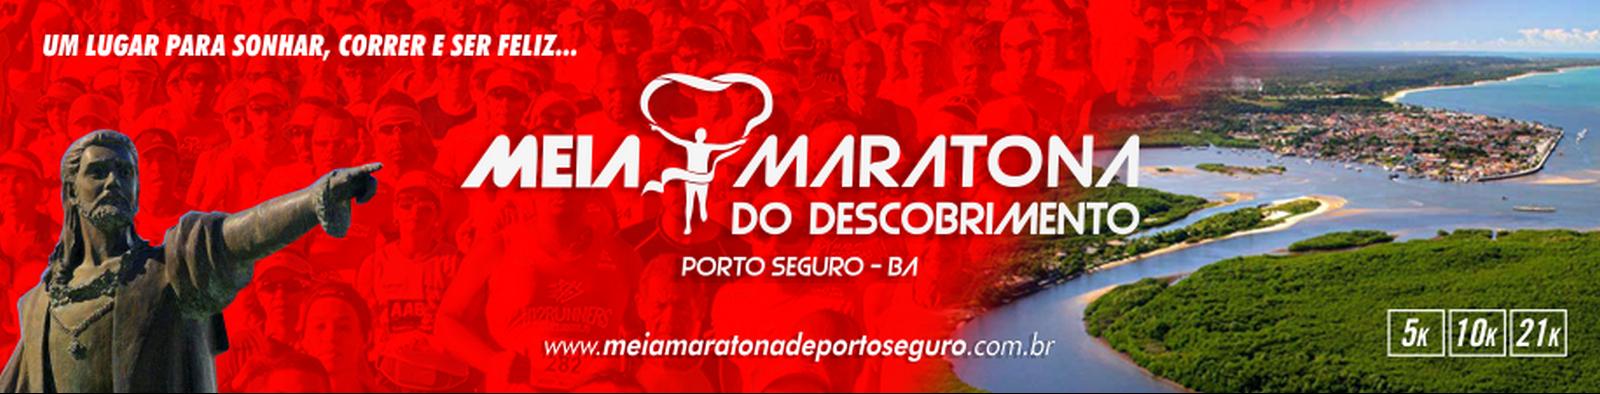 MEIA MARATONA DO DESCOBRIMENTO PORTO SEGURO - 2018 - Imagem de topo